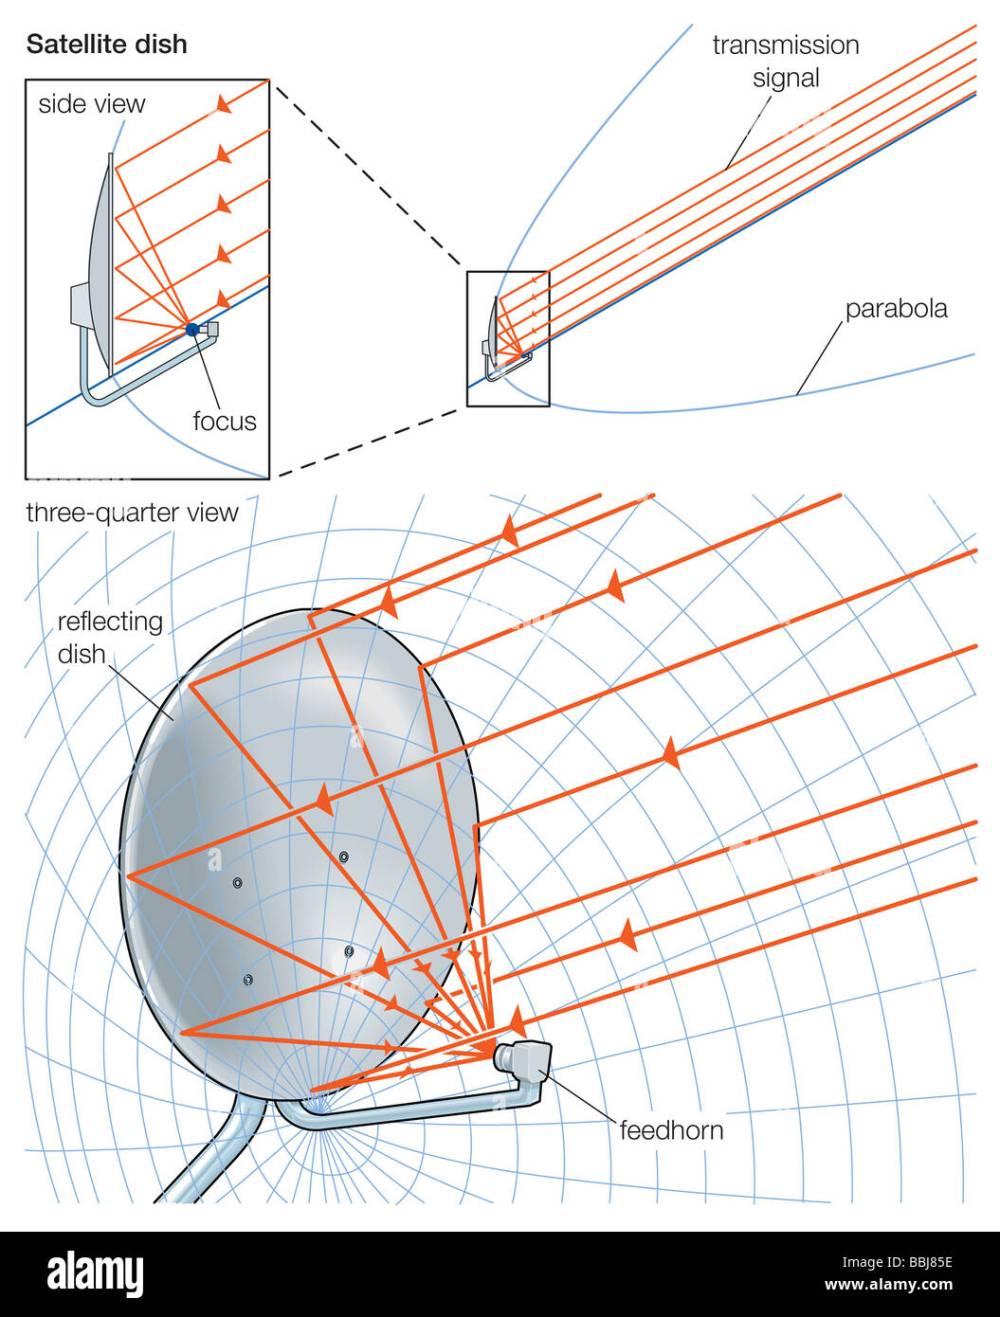 medium resolution of satellite dish diagrams wiring diagram pass satellite dish diagrams